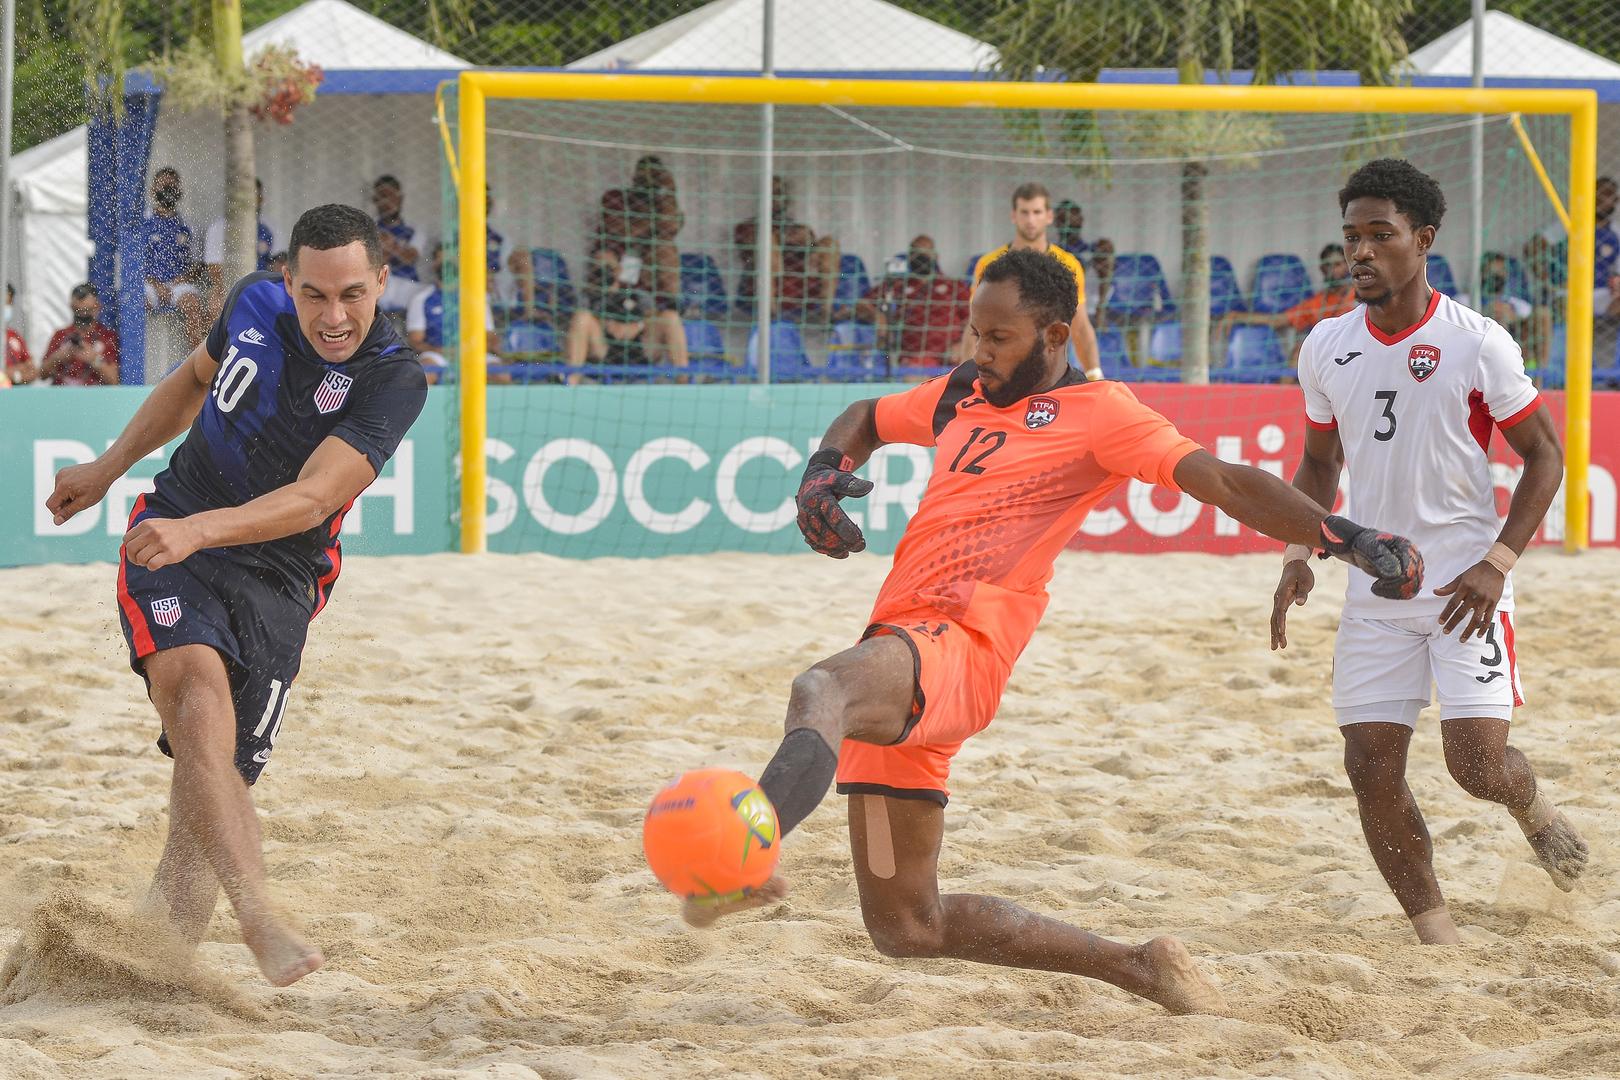 Resumen de la segunda jornada del Campeonato de Fútbol Playa Concacaf 2021